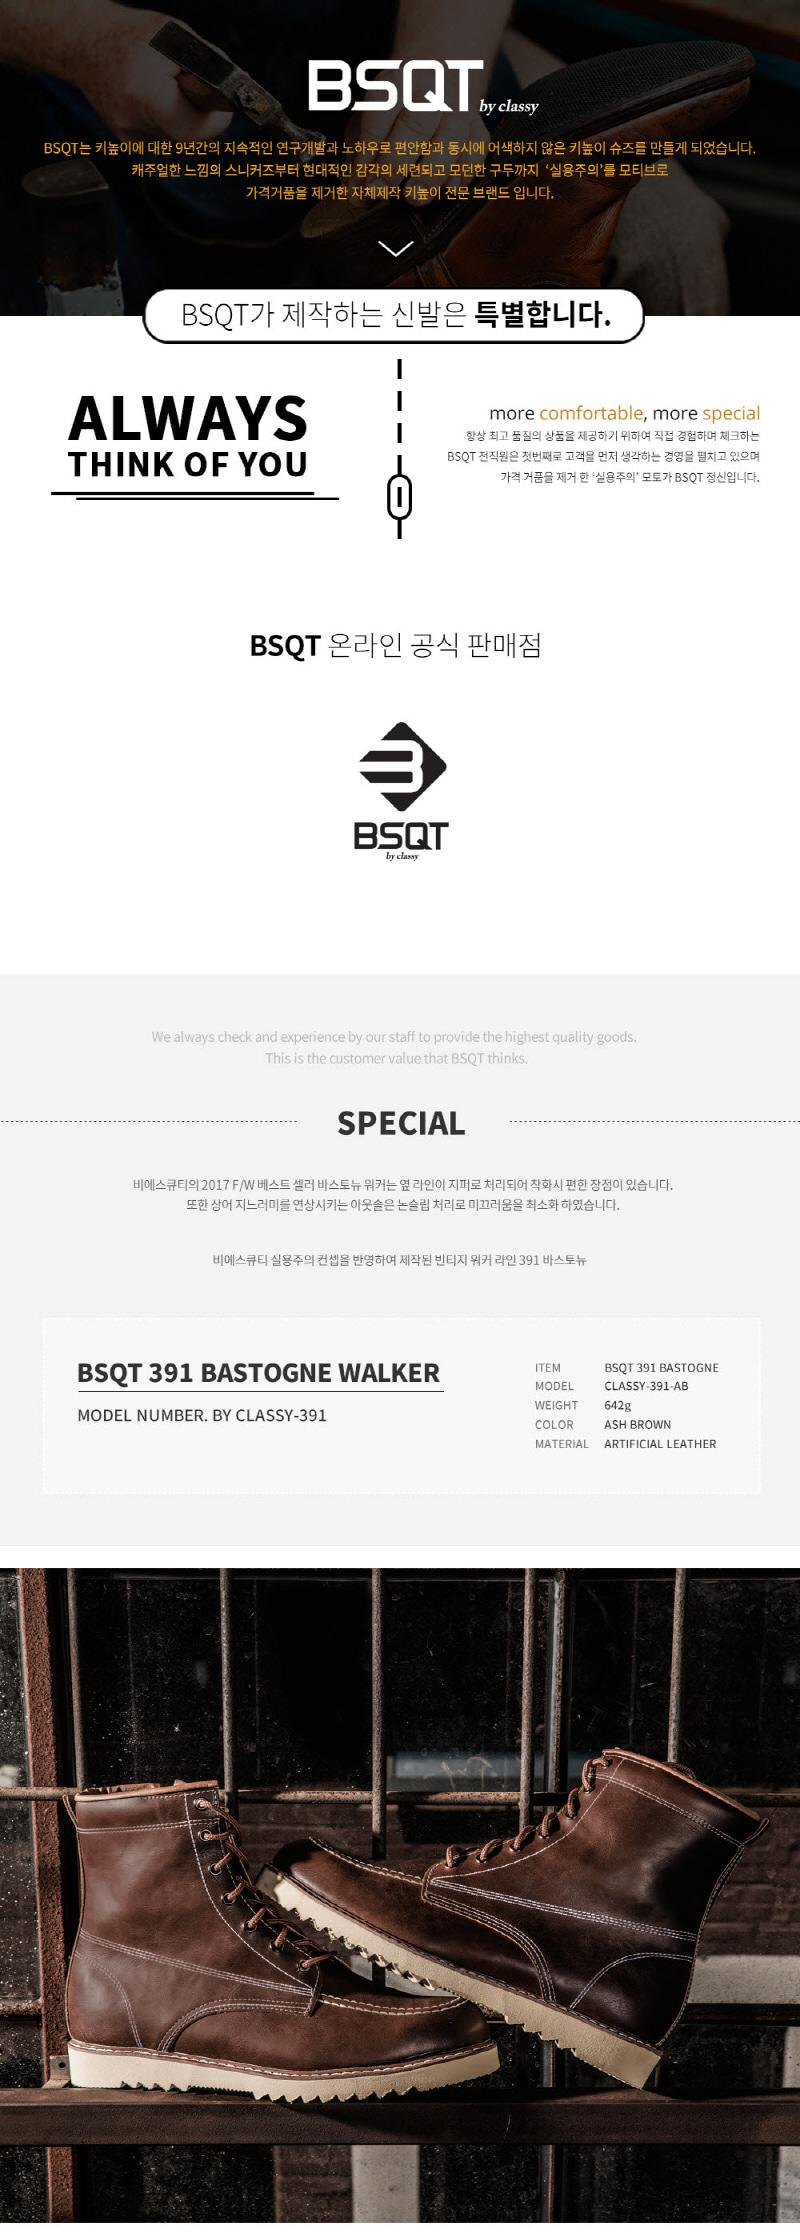 [BSQT] 391 바스토뉴 레더 샤크솔 키높이 워커 애쉬브라운